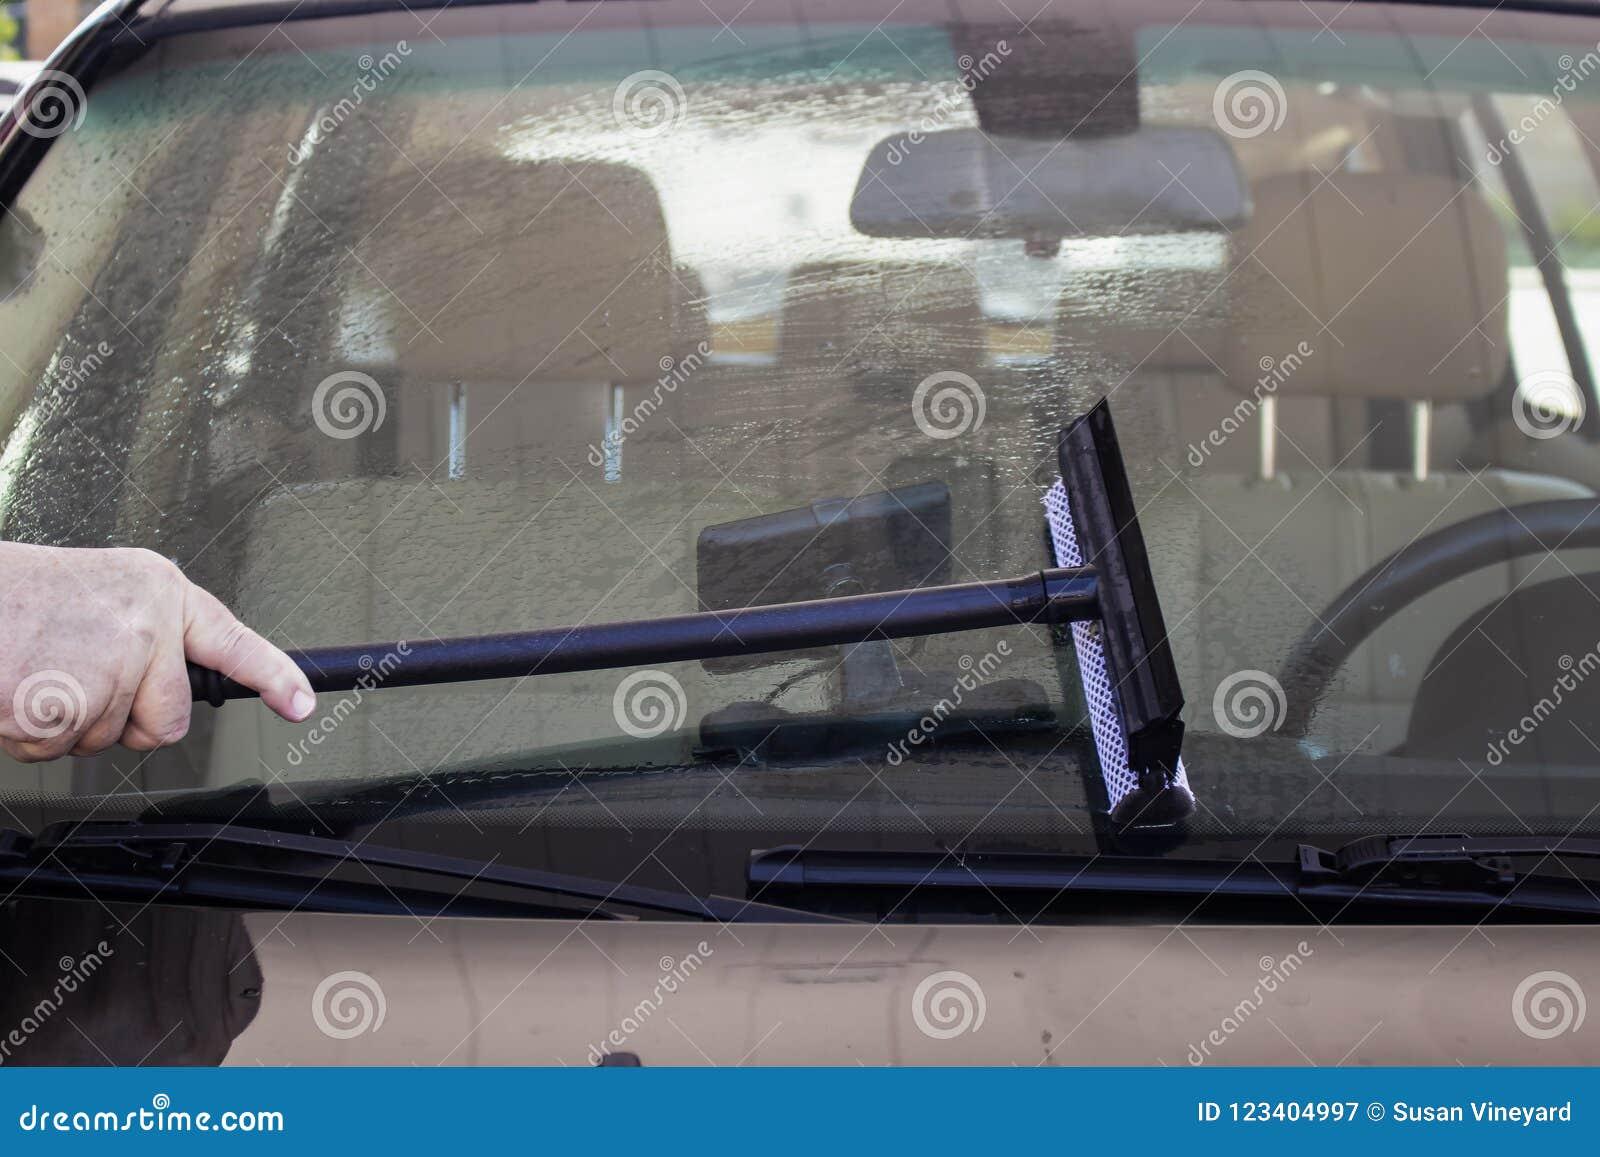 Close-up do homem que usa o rodo de borracha para limpar o para-brisa de um carro com um interior visível de GPS no traço